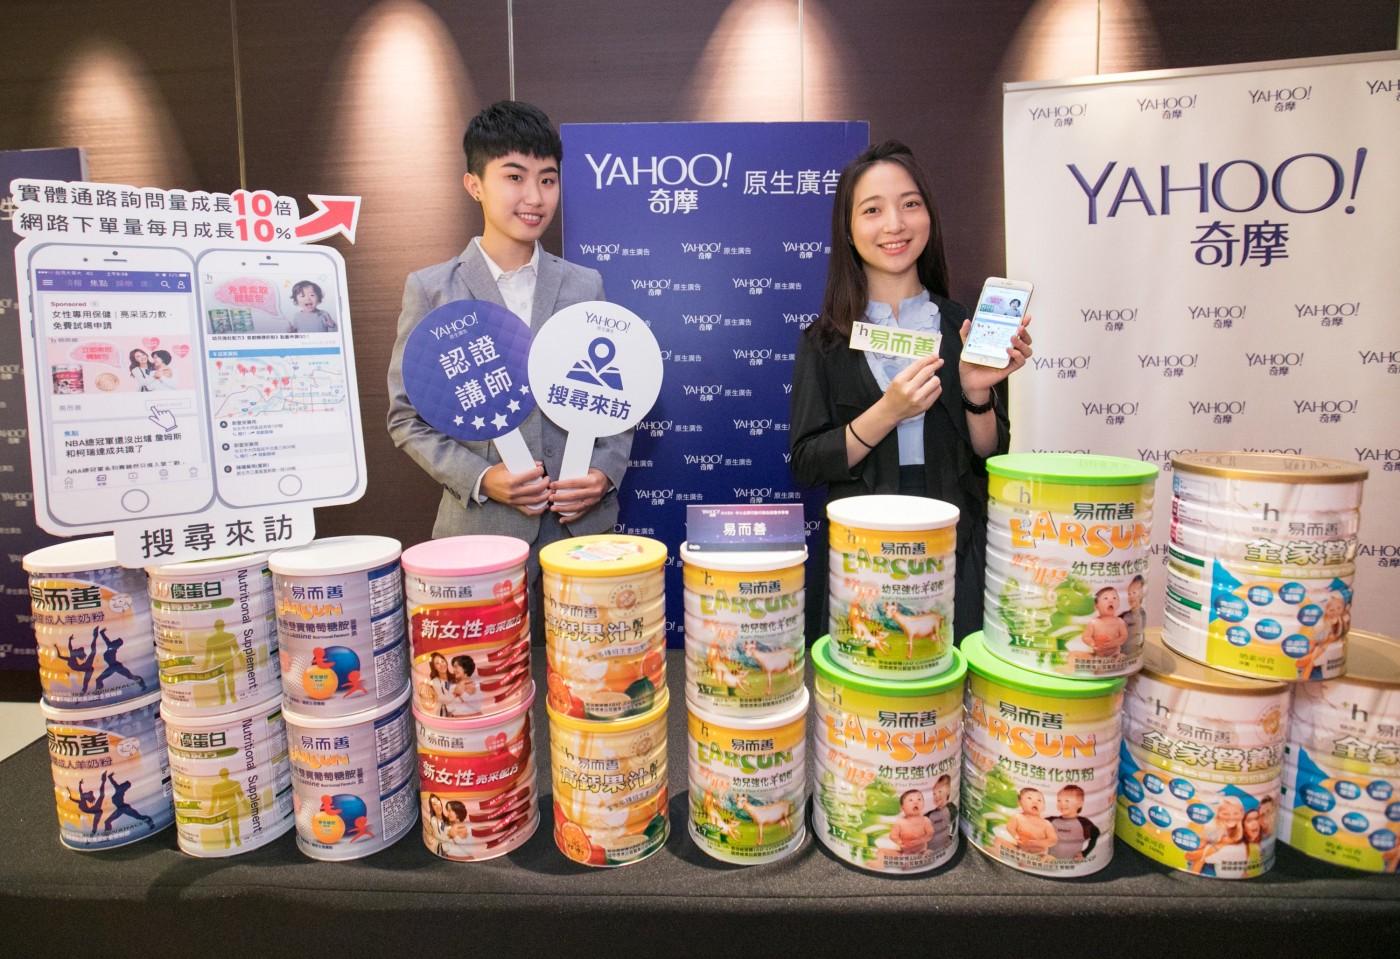 從3公尺到30公分的消費距離,Yahoo奇摩:行動廣告正翻轉中小企業